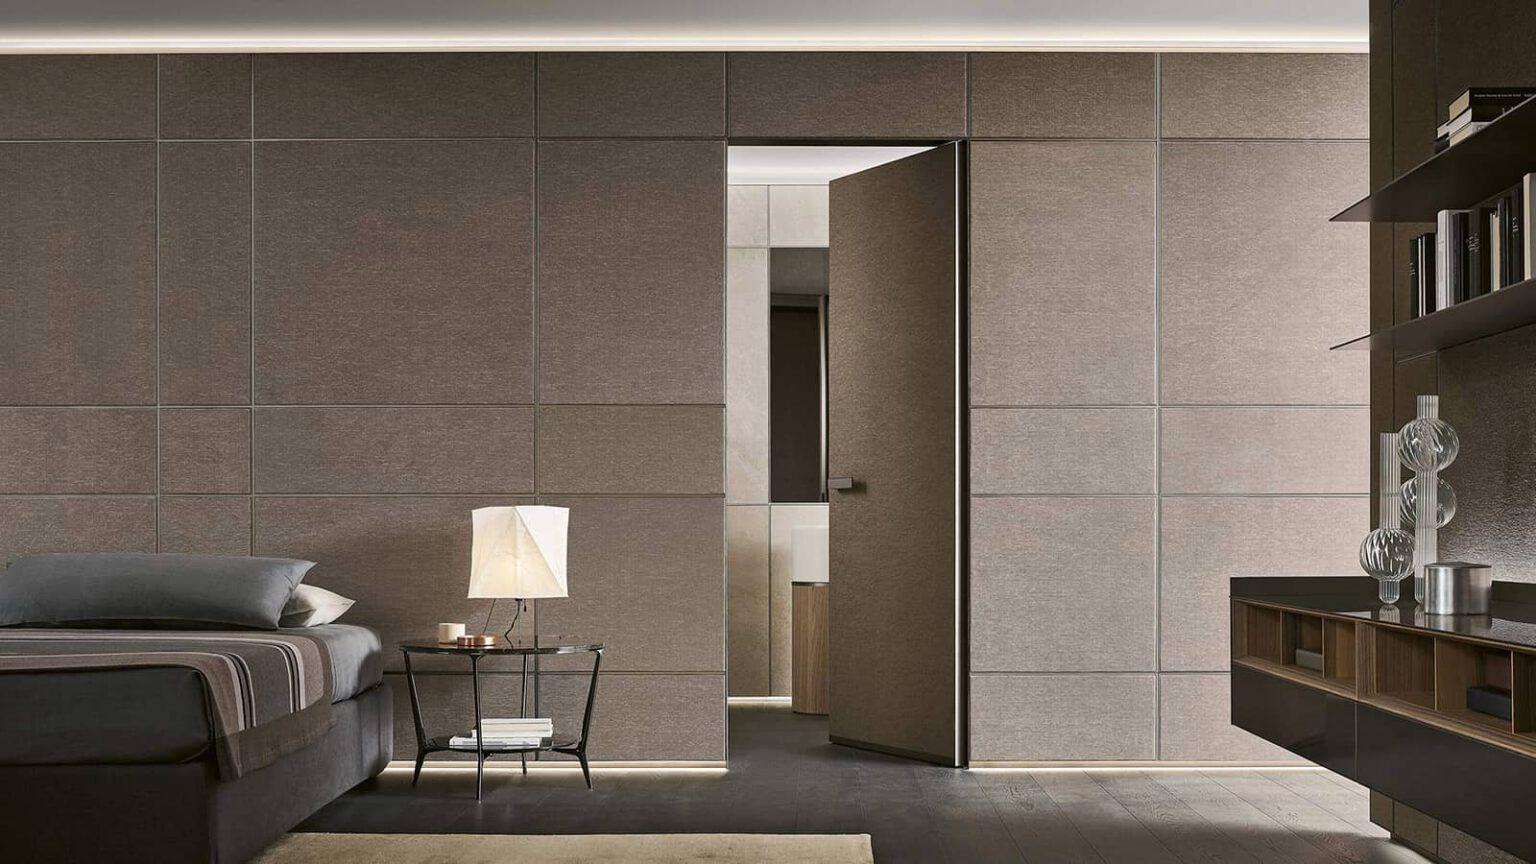 design wandpaneel afgewerkt met textiel met geïntegreerde moon deur